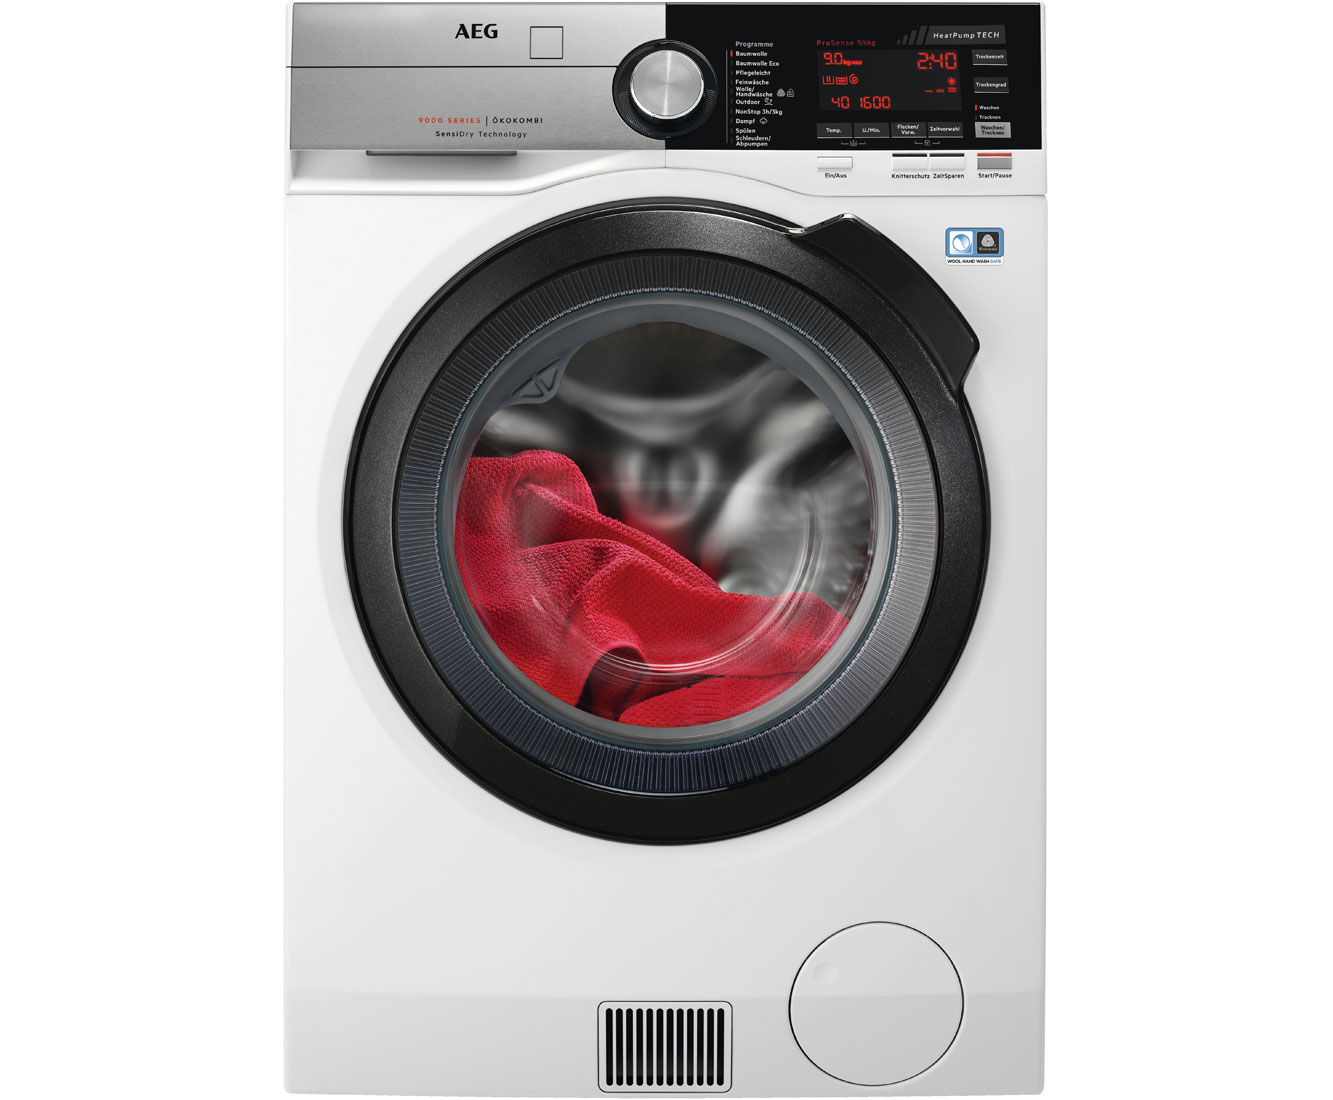 L9WE86695 Waschtrockner - Weiss